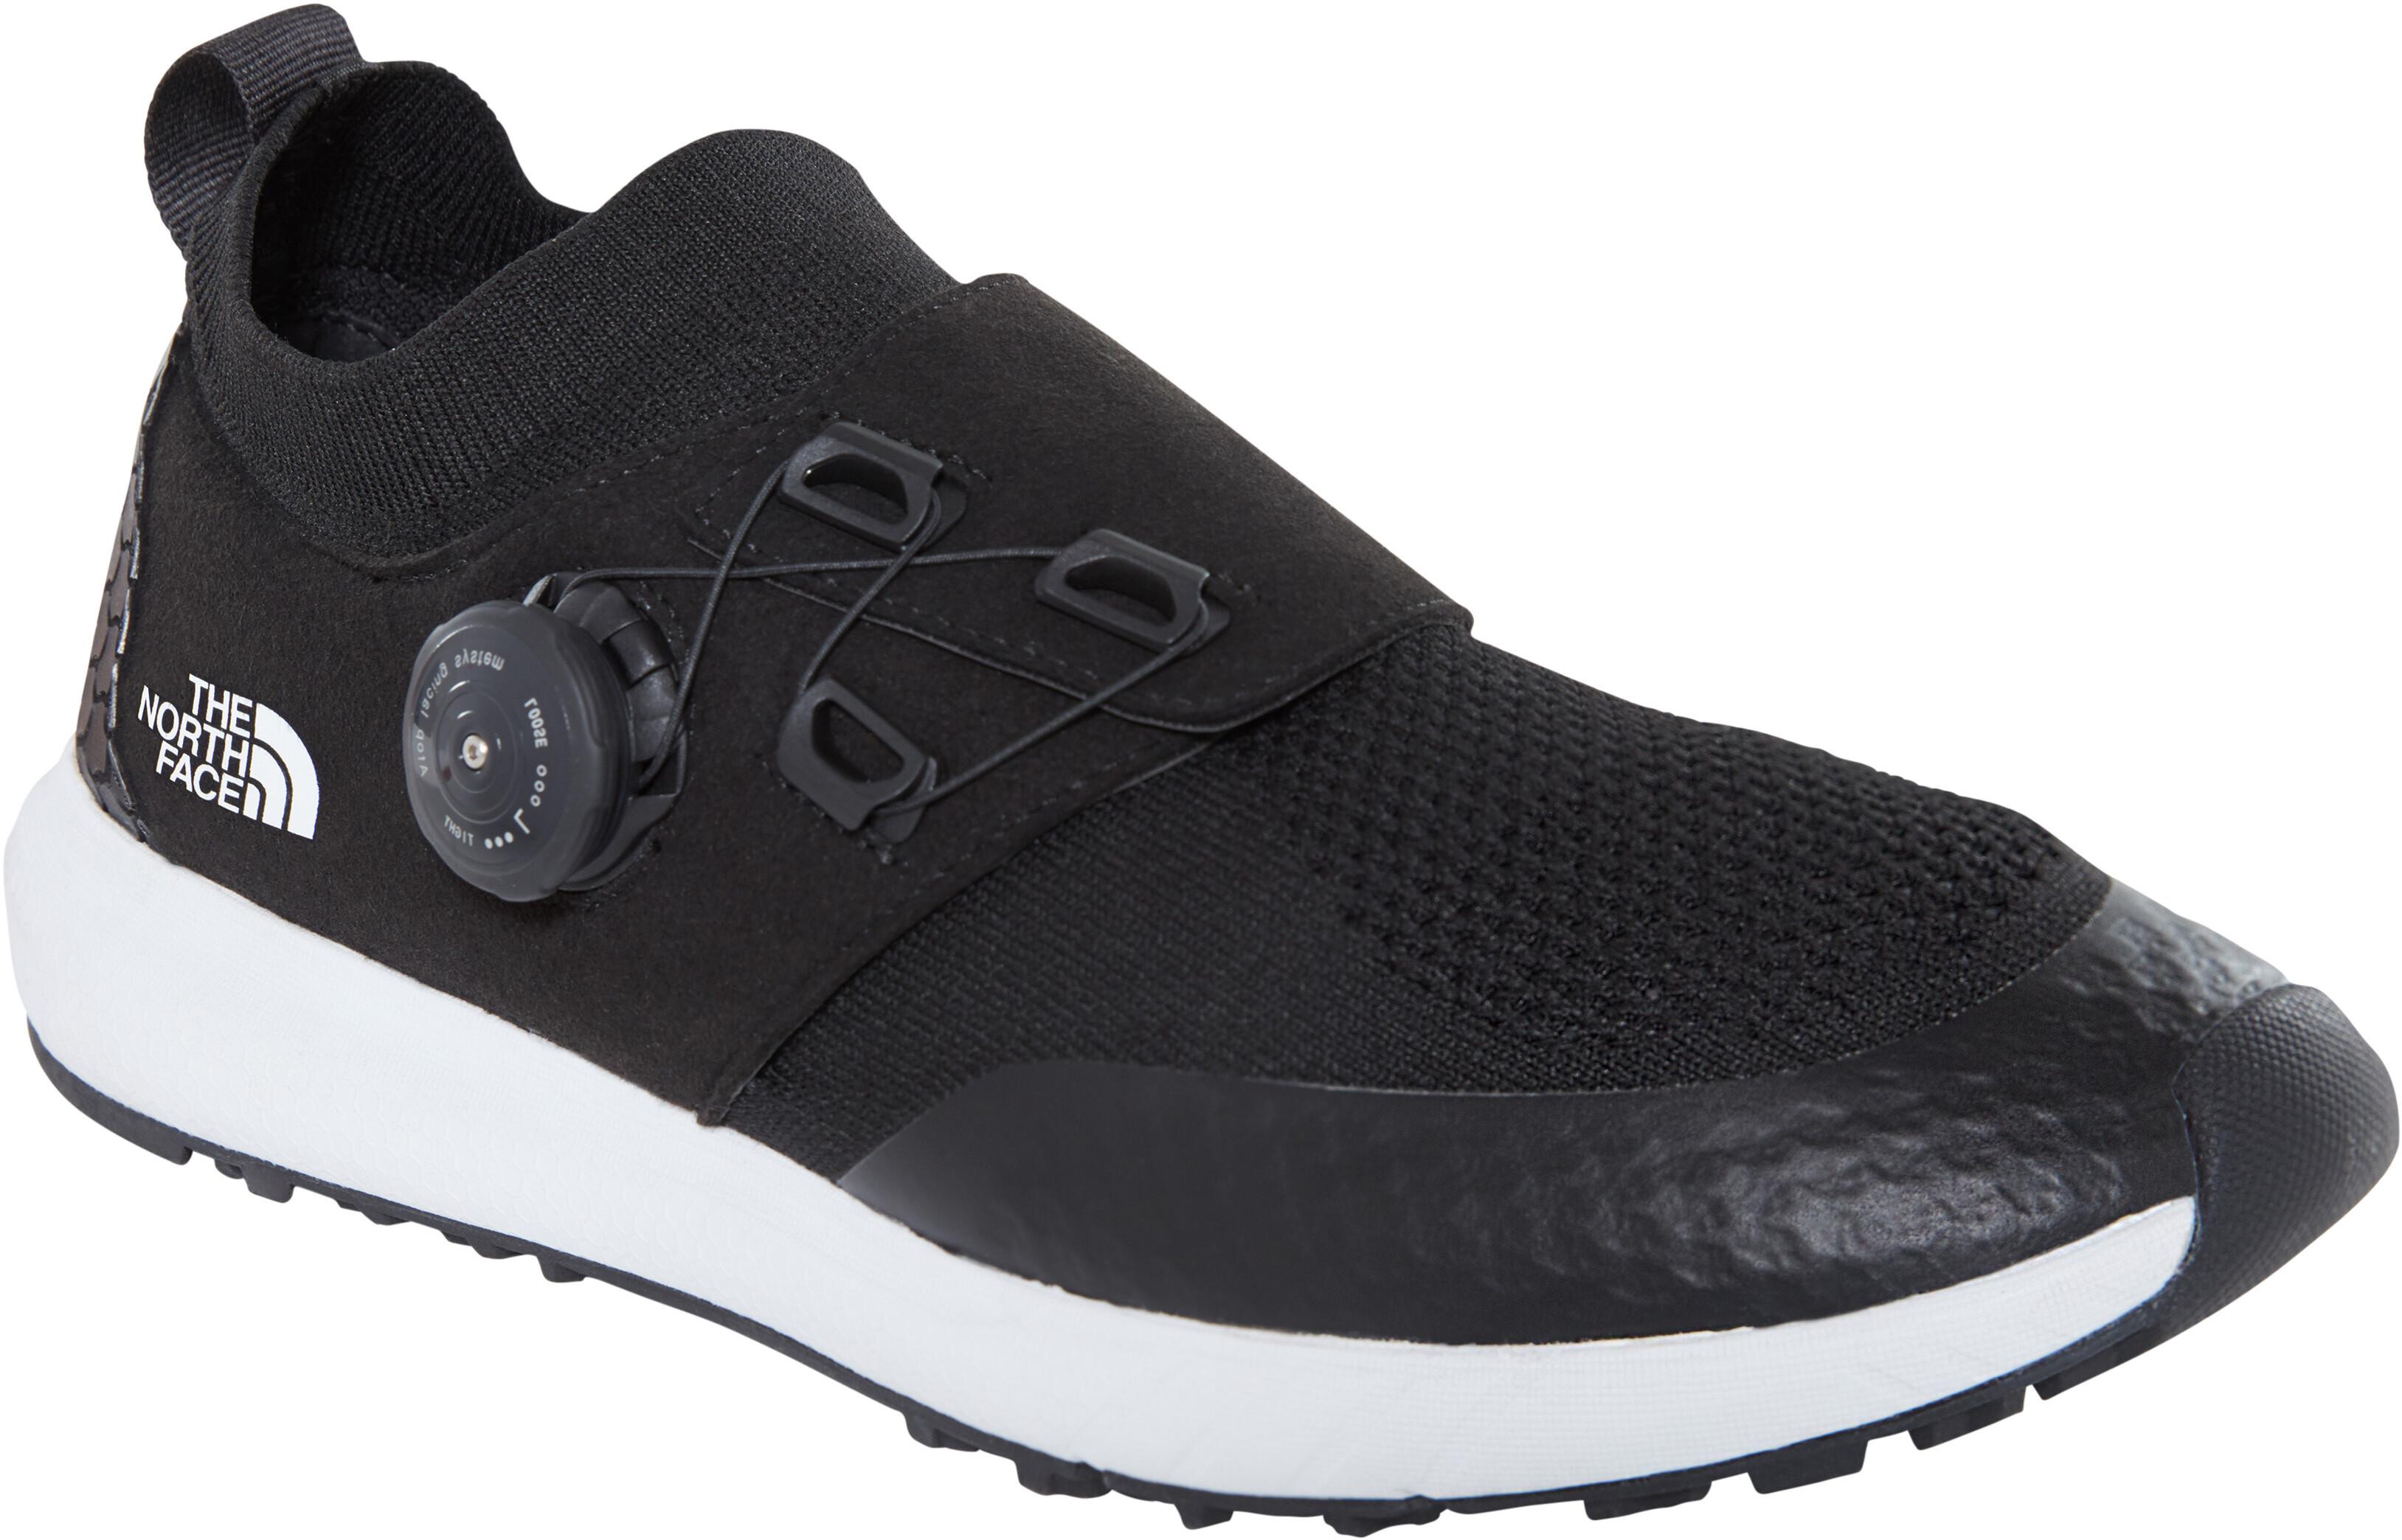 533ffc338 The North Face Touji Boa Shoes Men tnf black/tnf white